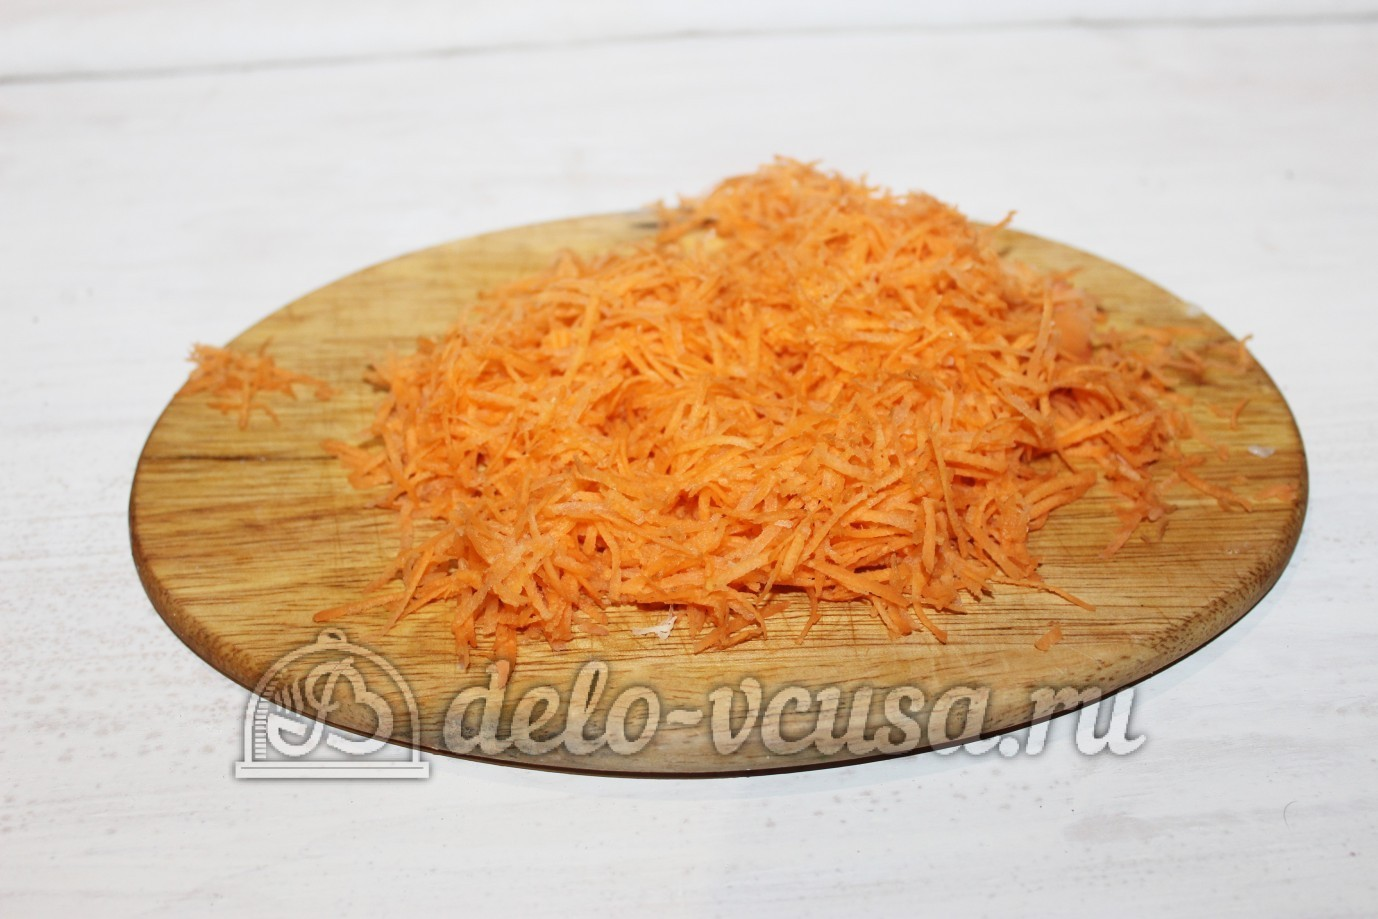 Тушеный кролик в духовке: Морковку натереть